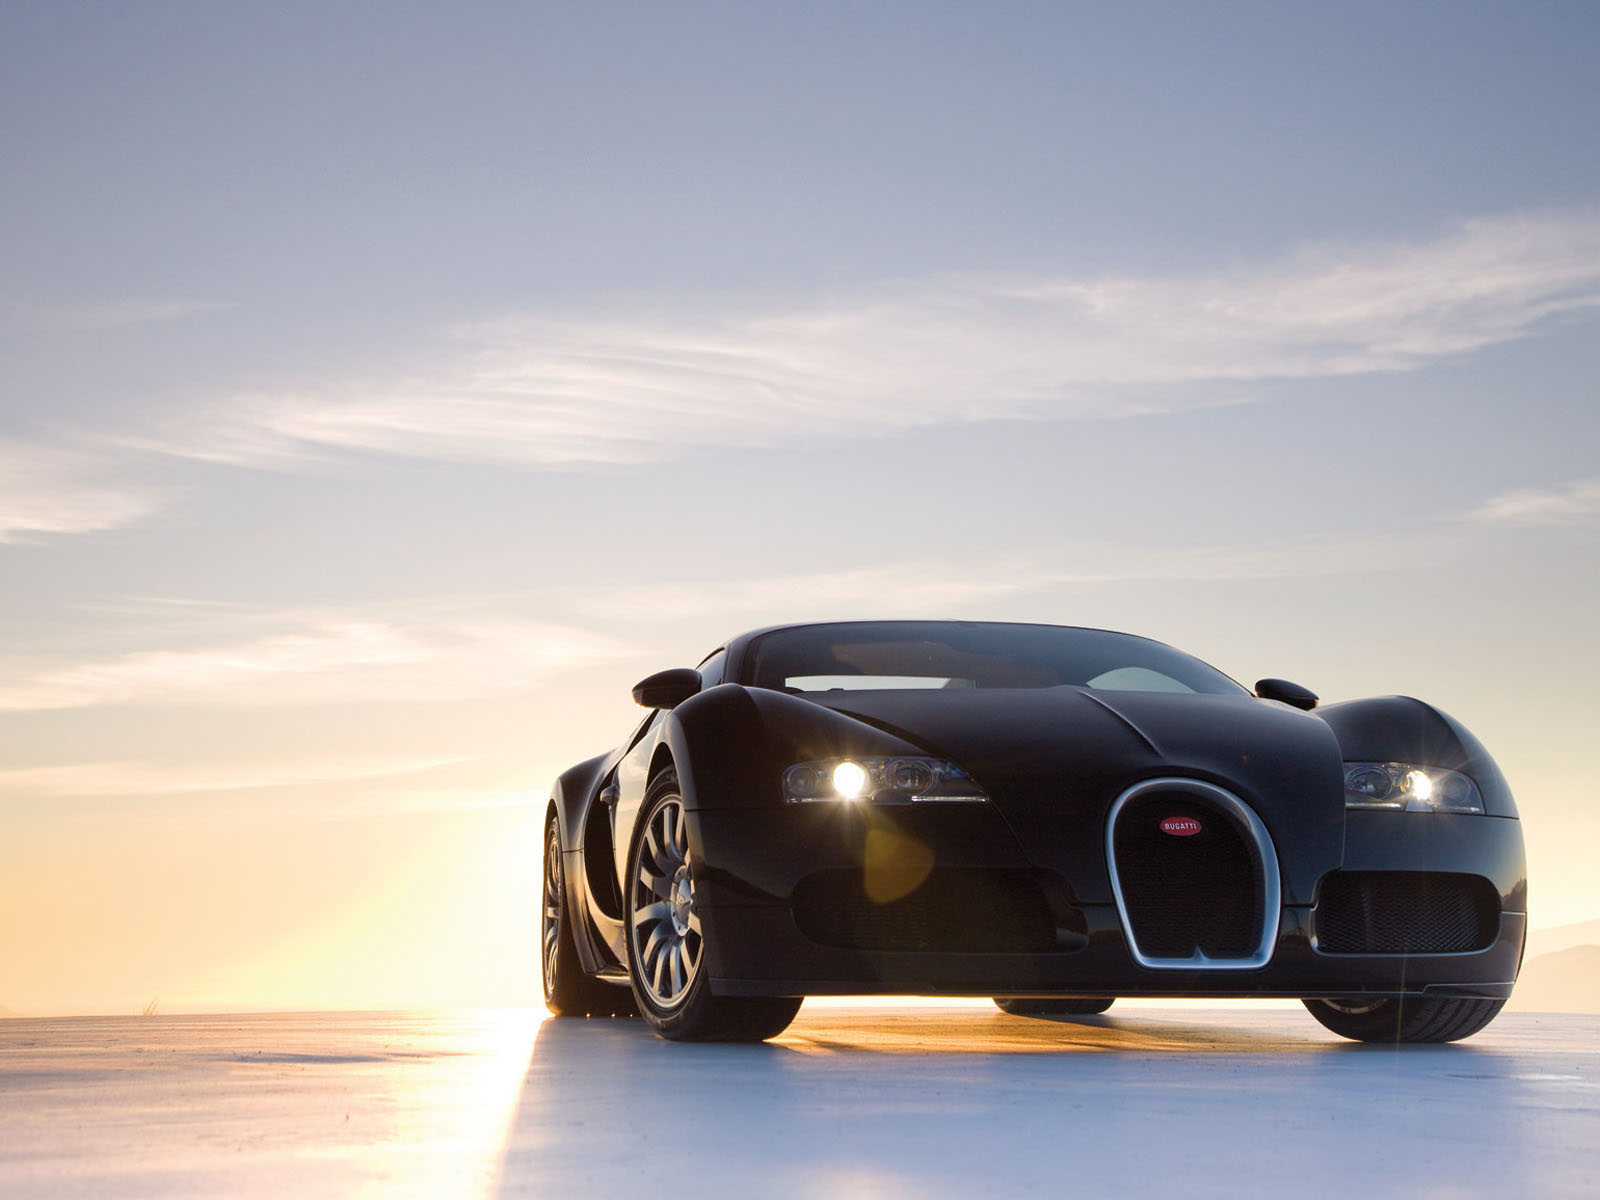 Black Bugatti Veyron Wallpaper Bugatti Car Wallpapers Hd